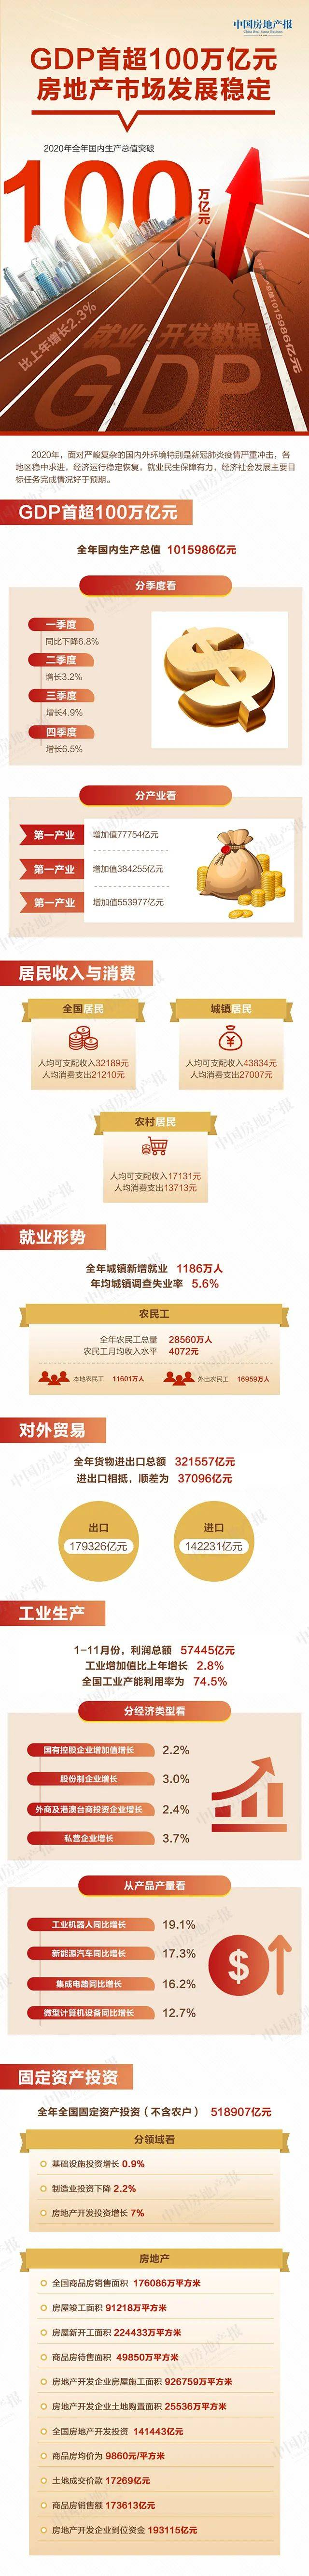 数据丨2020年中国经济成绩单出炉 投资就业贸易均不错